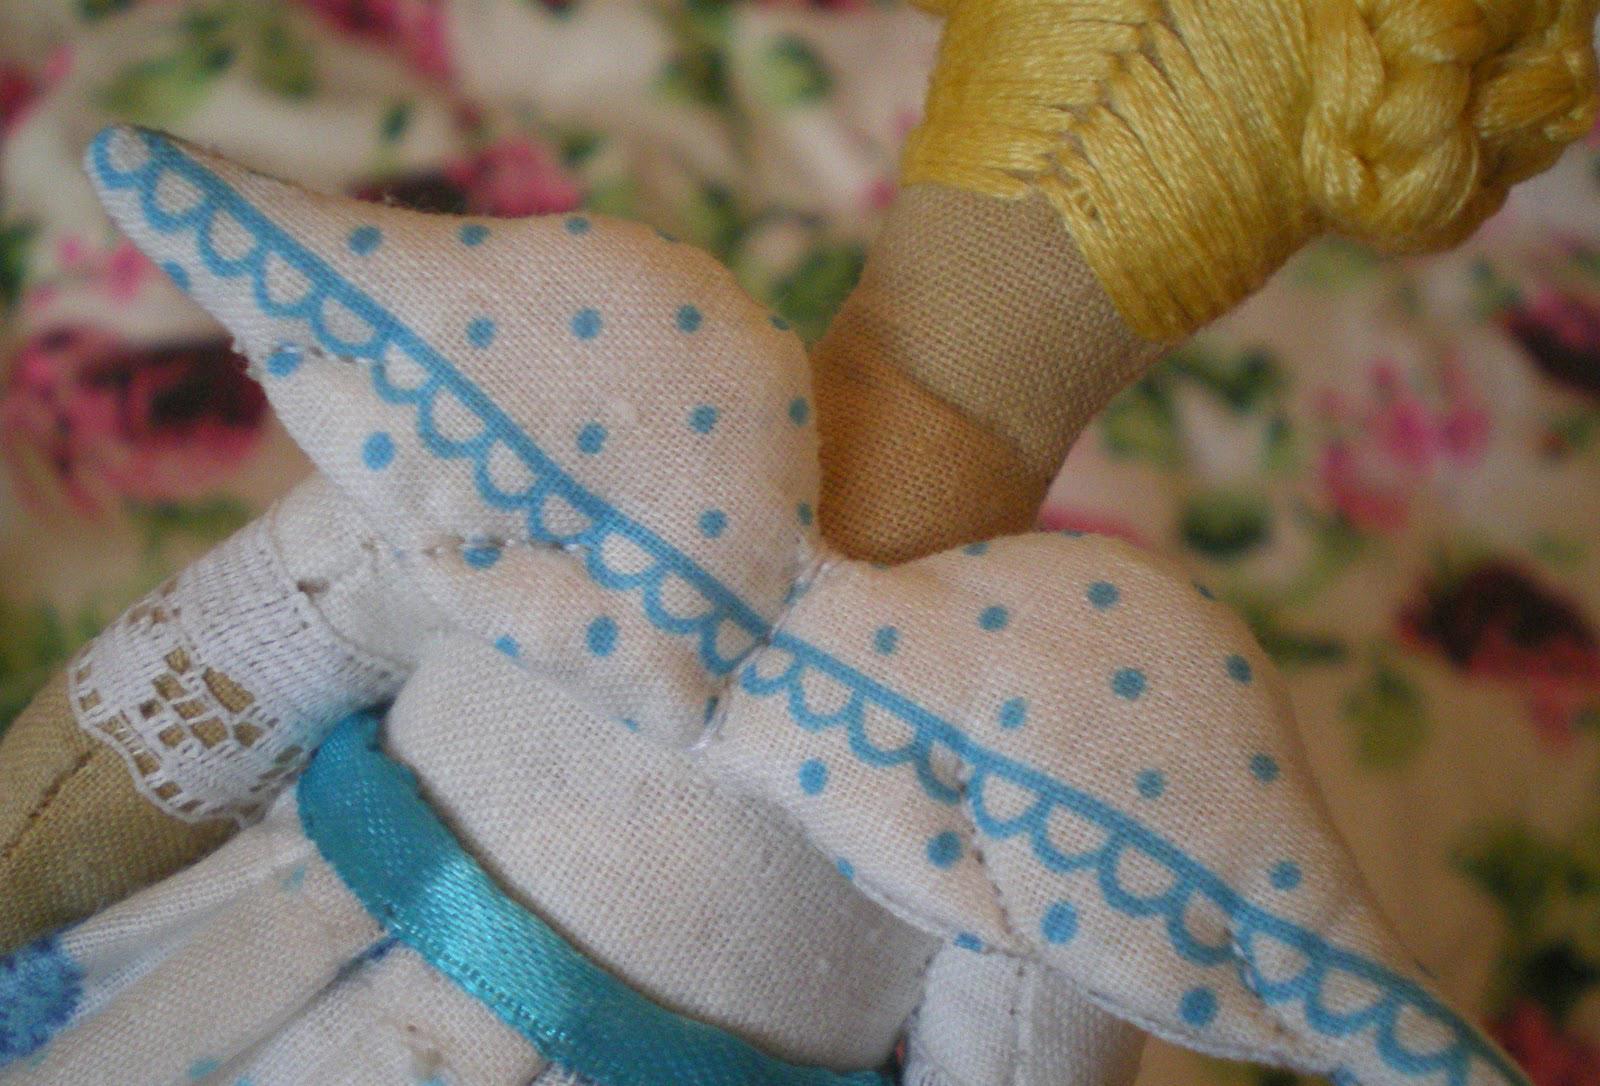 Крылья для ангела мишки Тедди или куклы своими руками